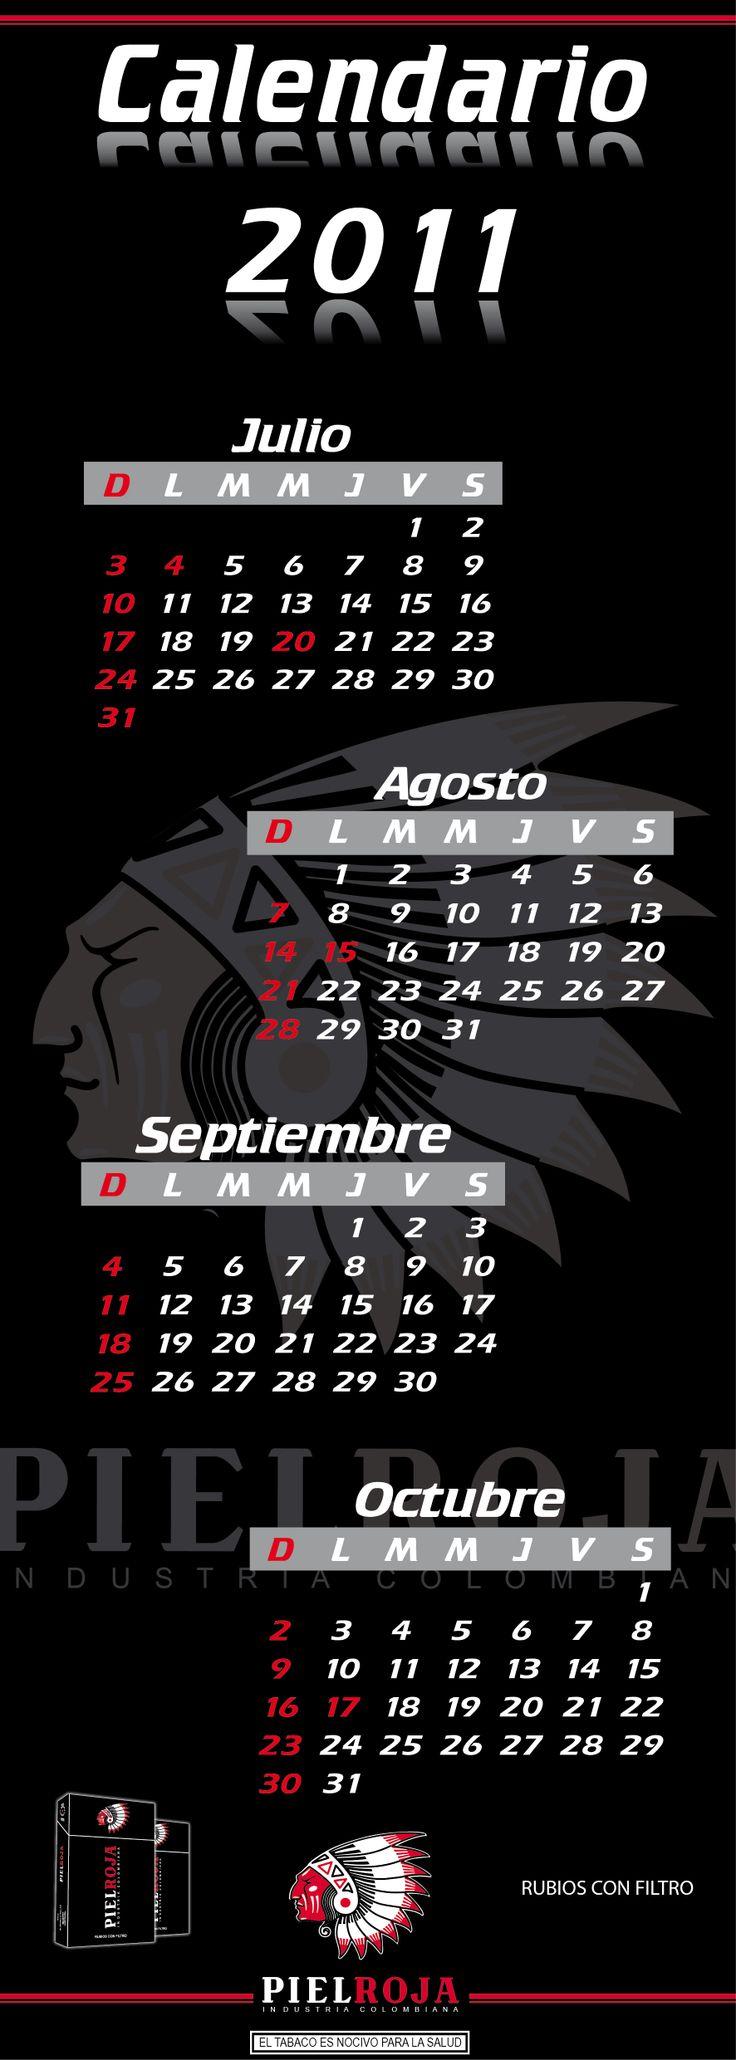 Calendario 2011. Cliente: Cigarrillos Piel Roja